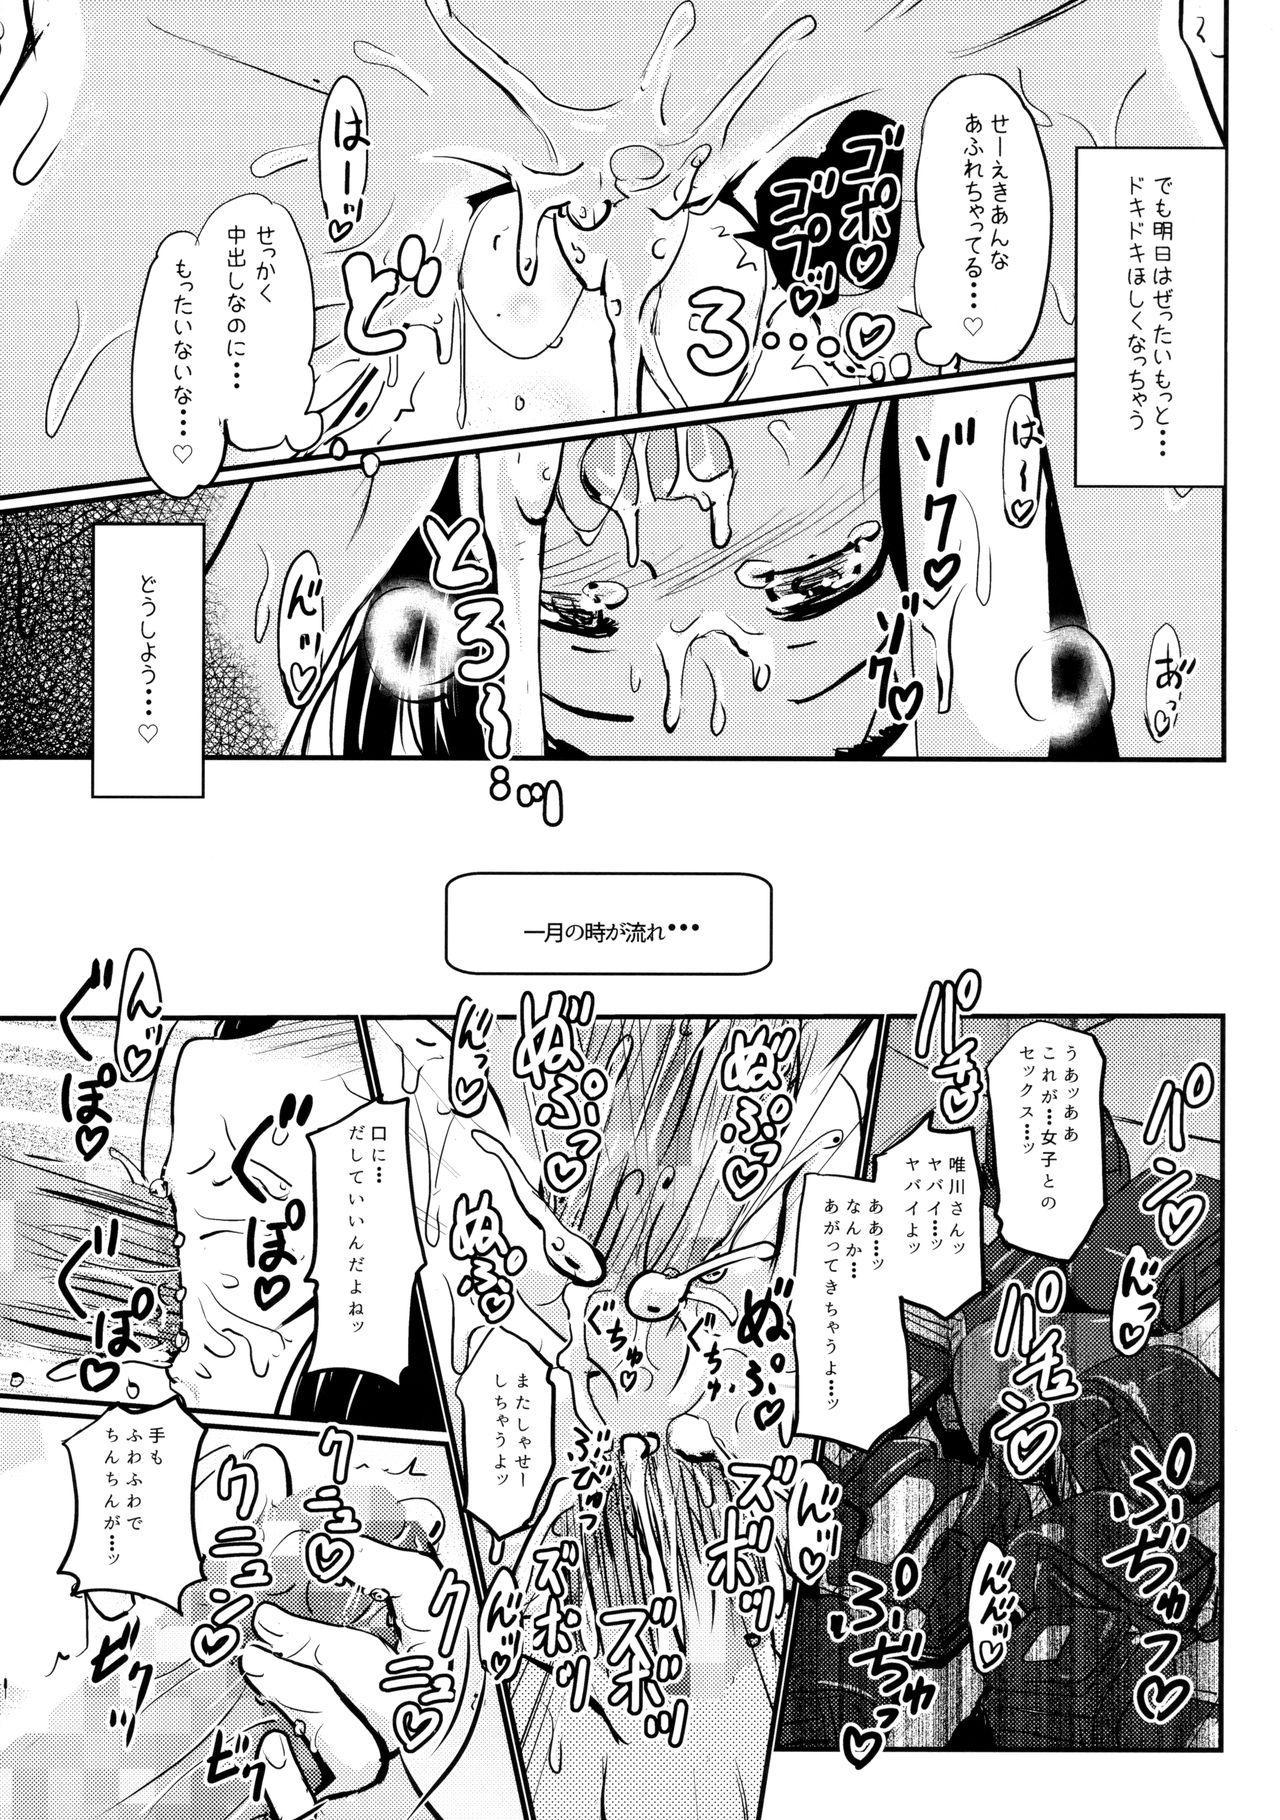 Shougakusei Bitch wa Saikou daze!! Yuikawa Mayu no Dokidoki Ecchi wa Tomerarenai Hen 31